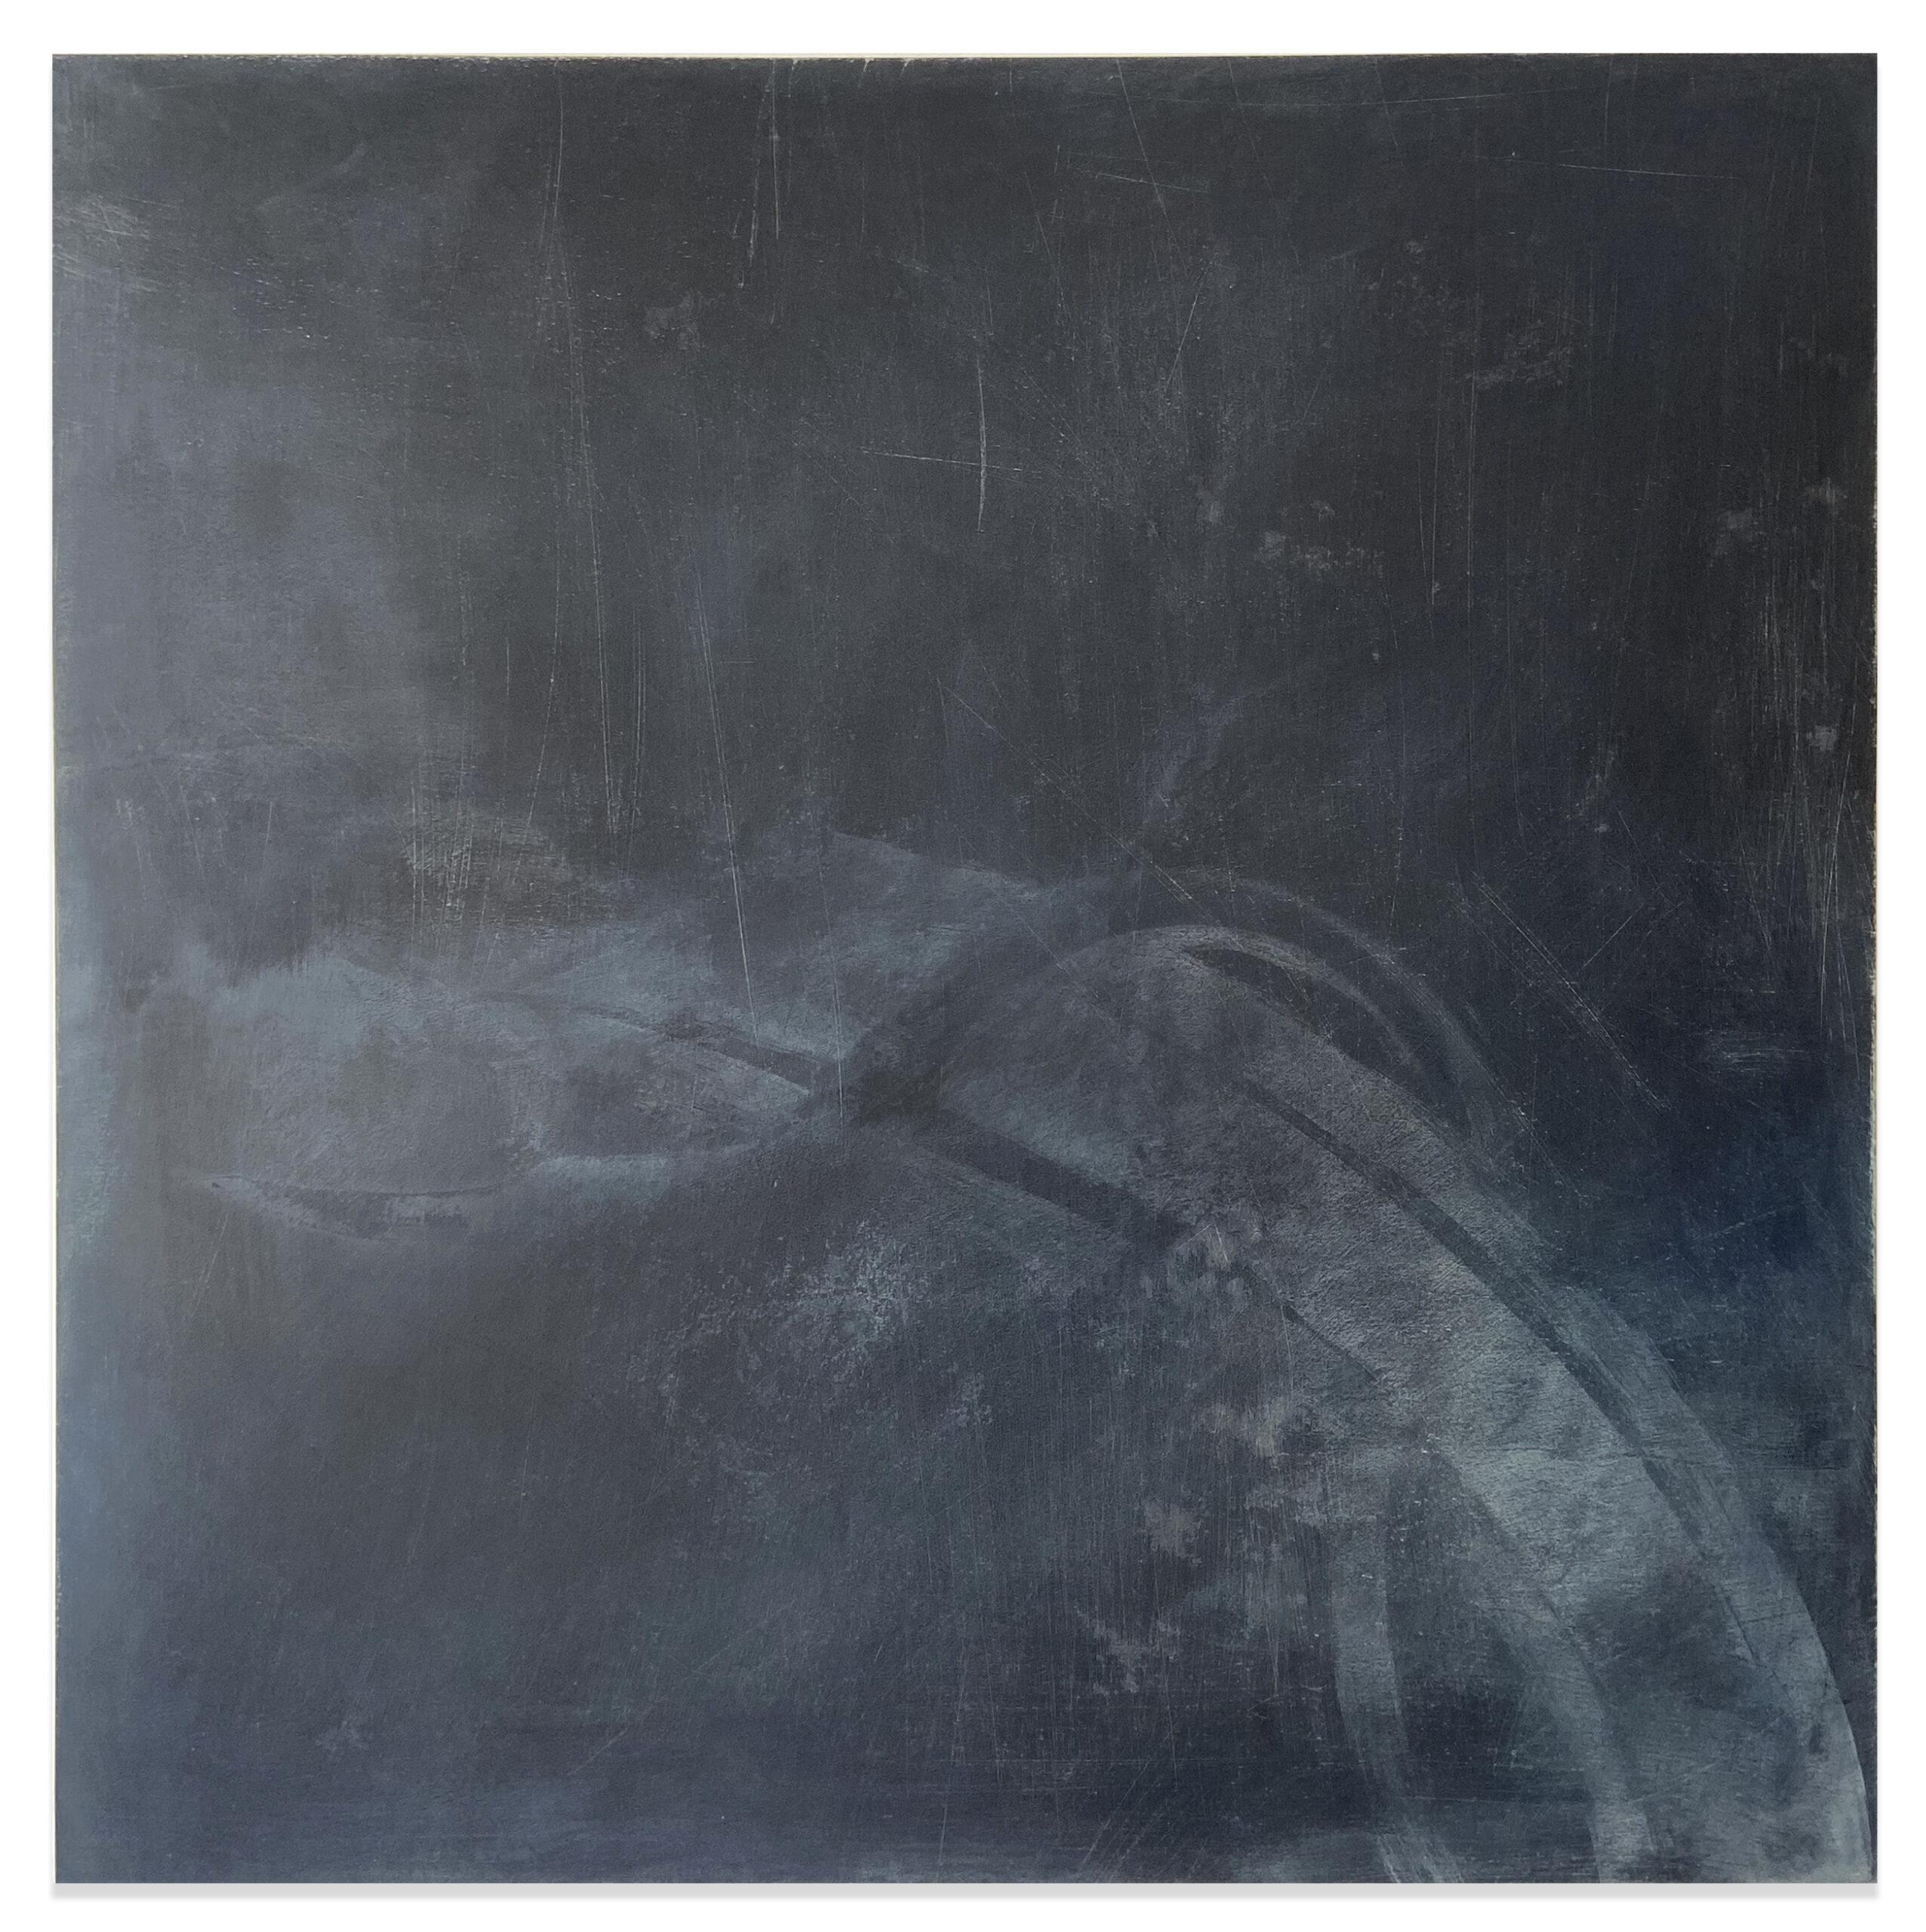 Maya Balcioglu Untitled (2019-20) Ink, acrylic ink, powder pigment, acrylic glaze medium on board. 100 cm x 100 cm